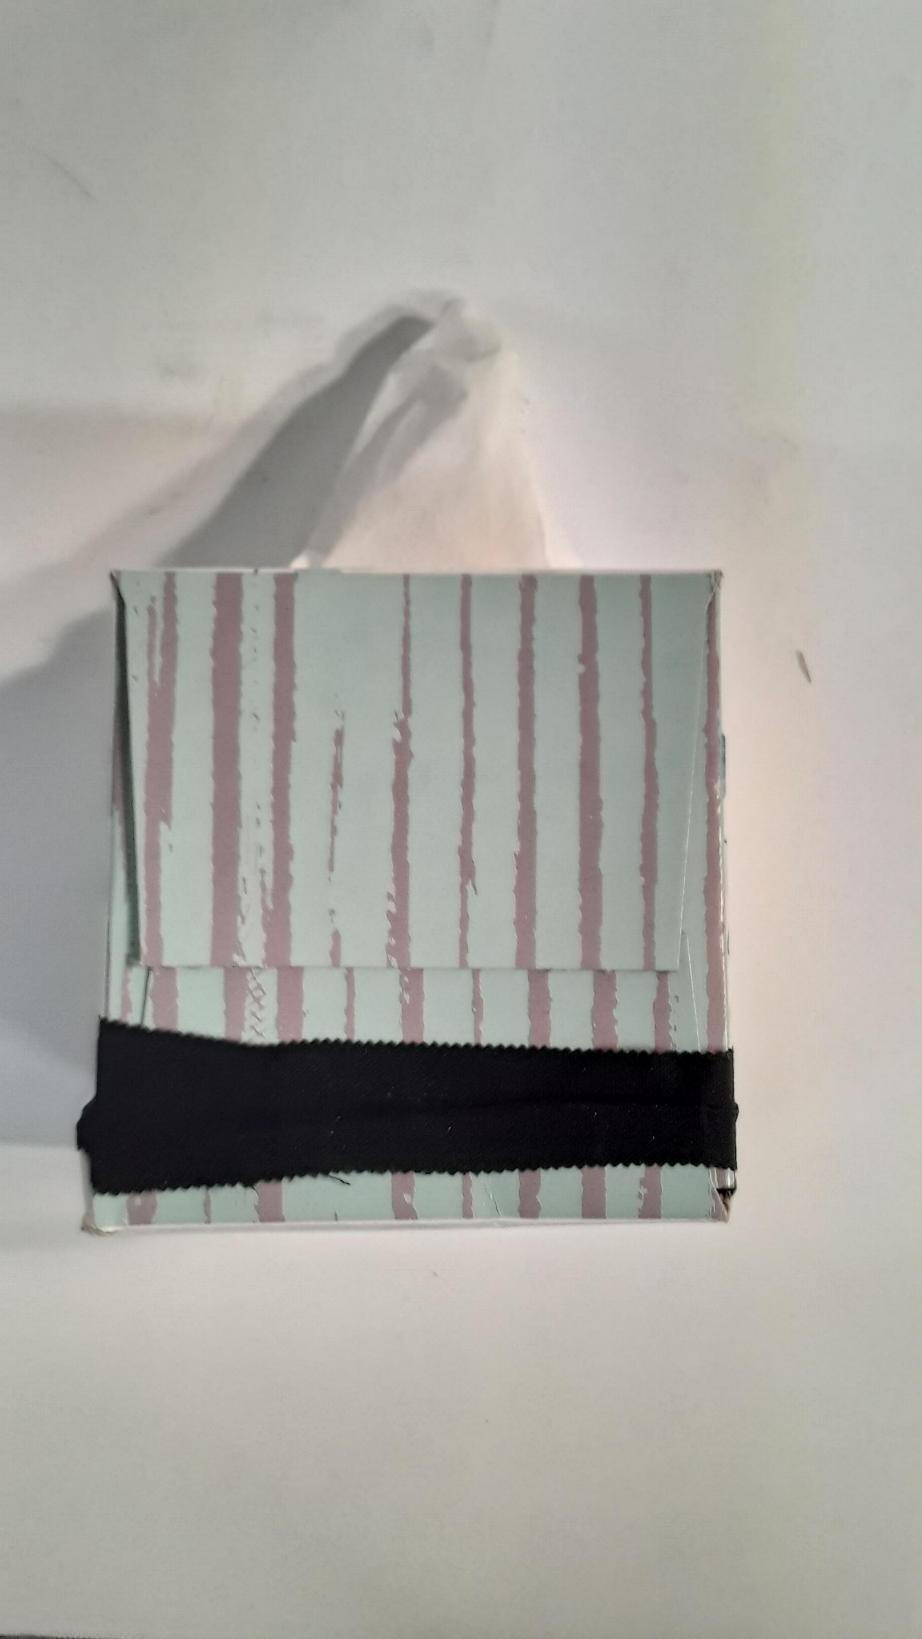 Tissue Box Modification